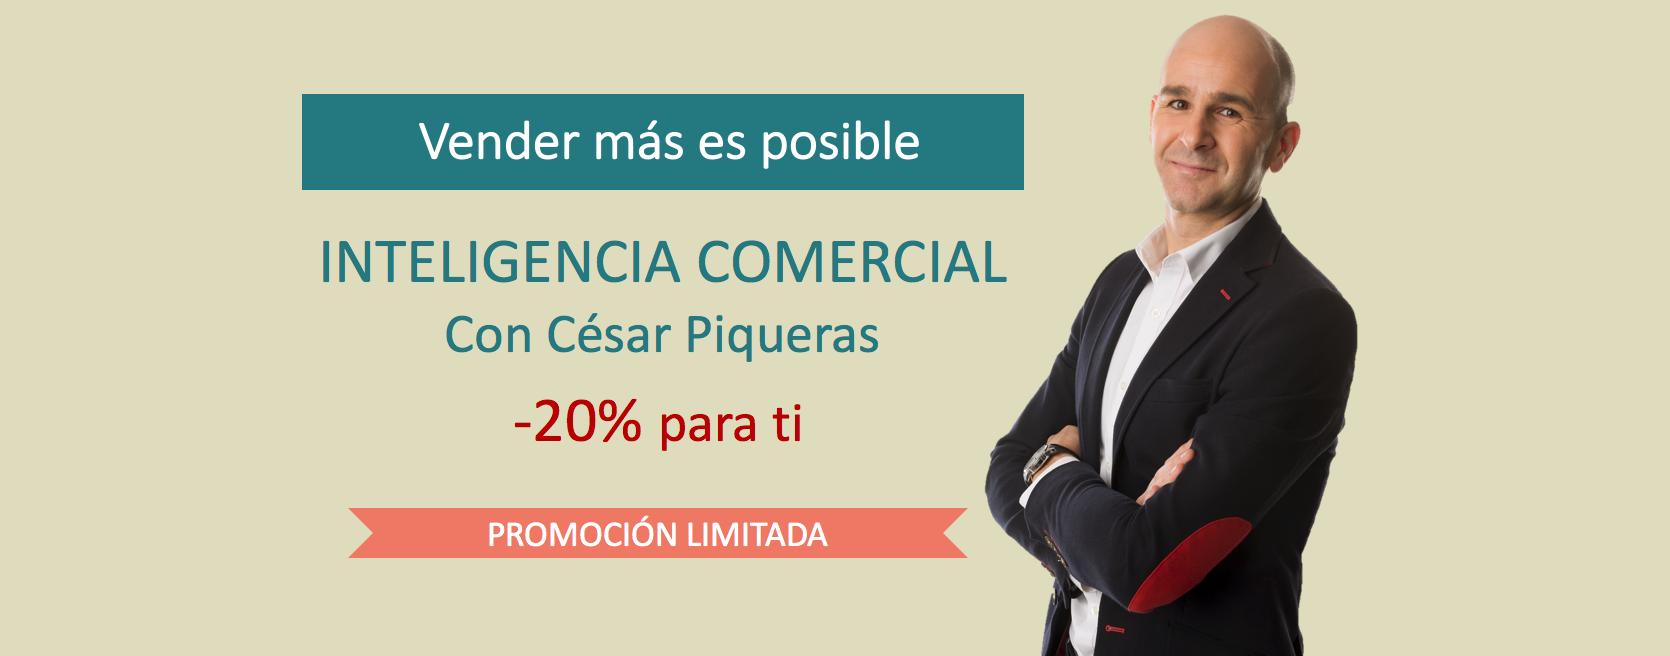 curso de ventas en madrid